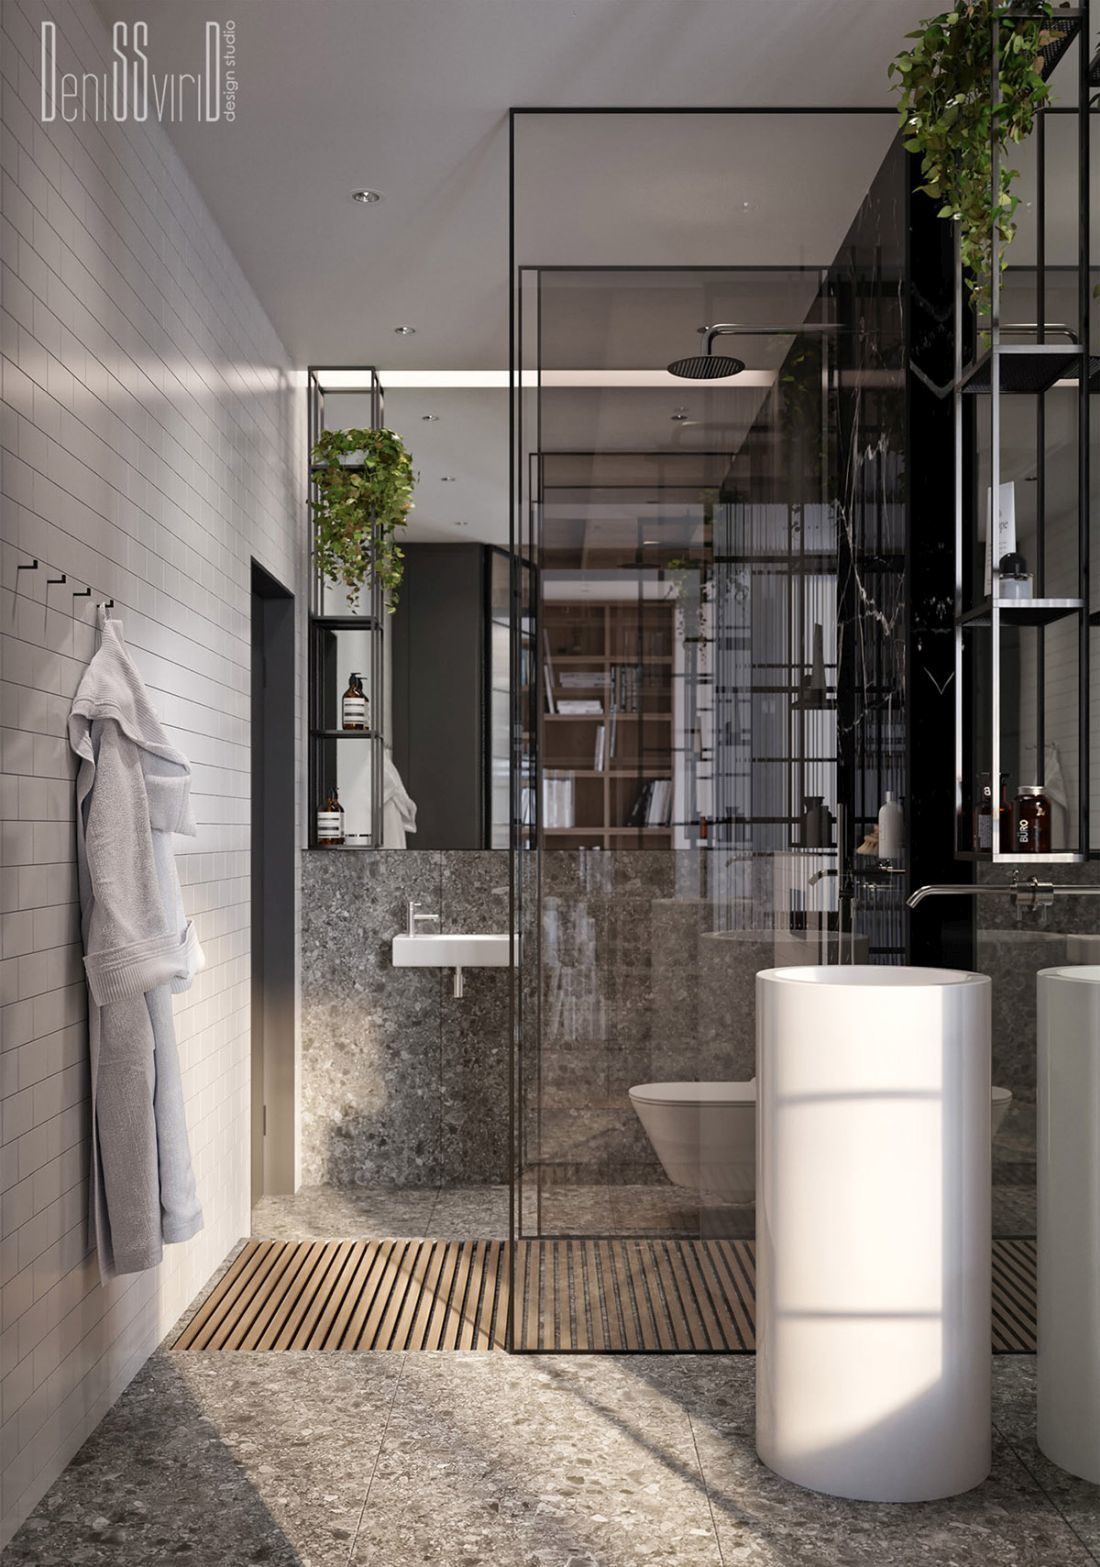 Nagy tükrös felületet kapott a fürdőszoba